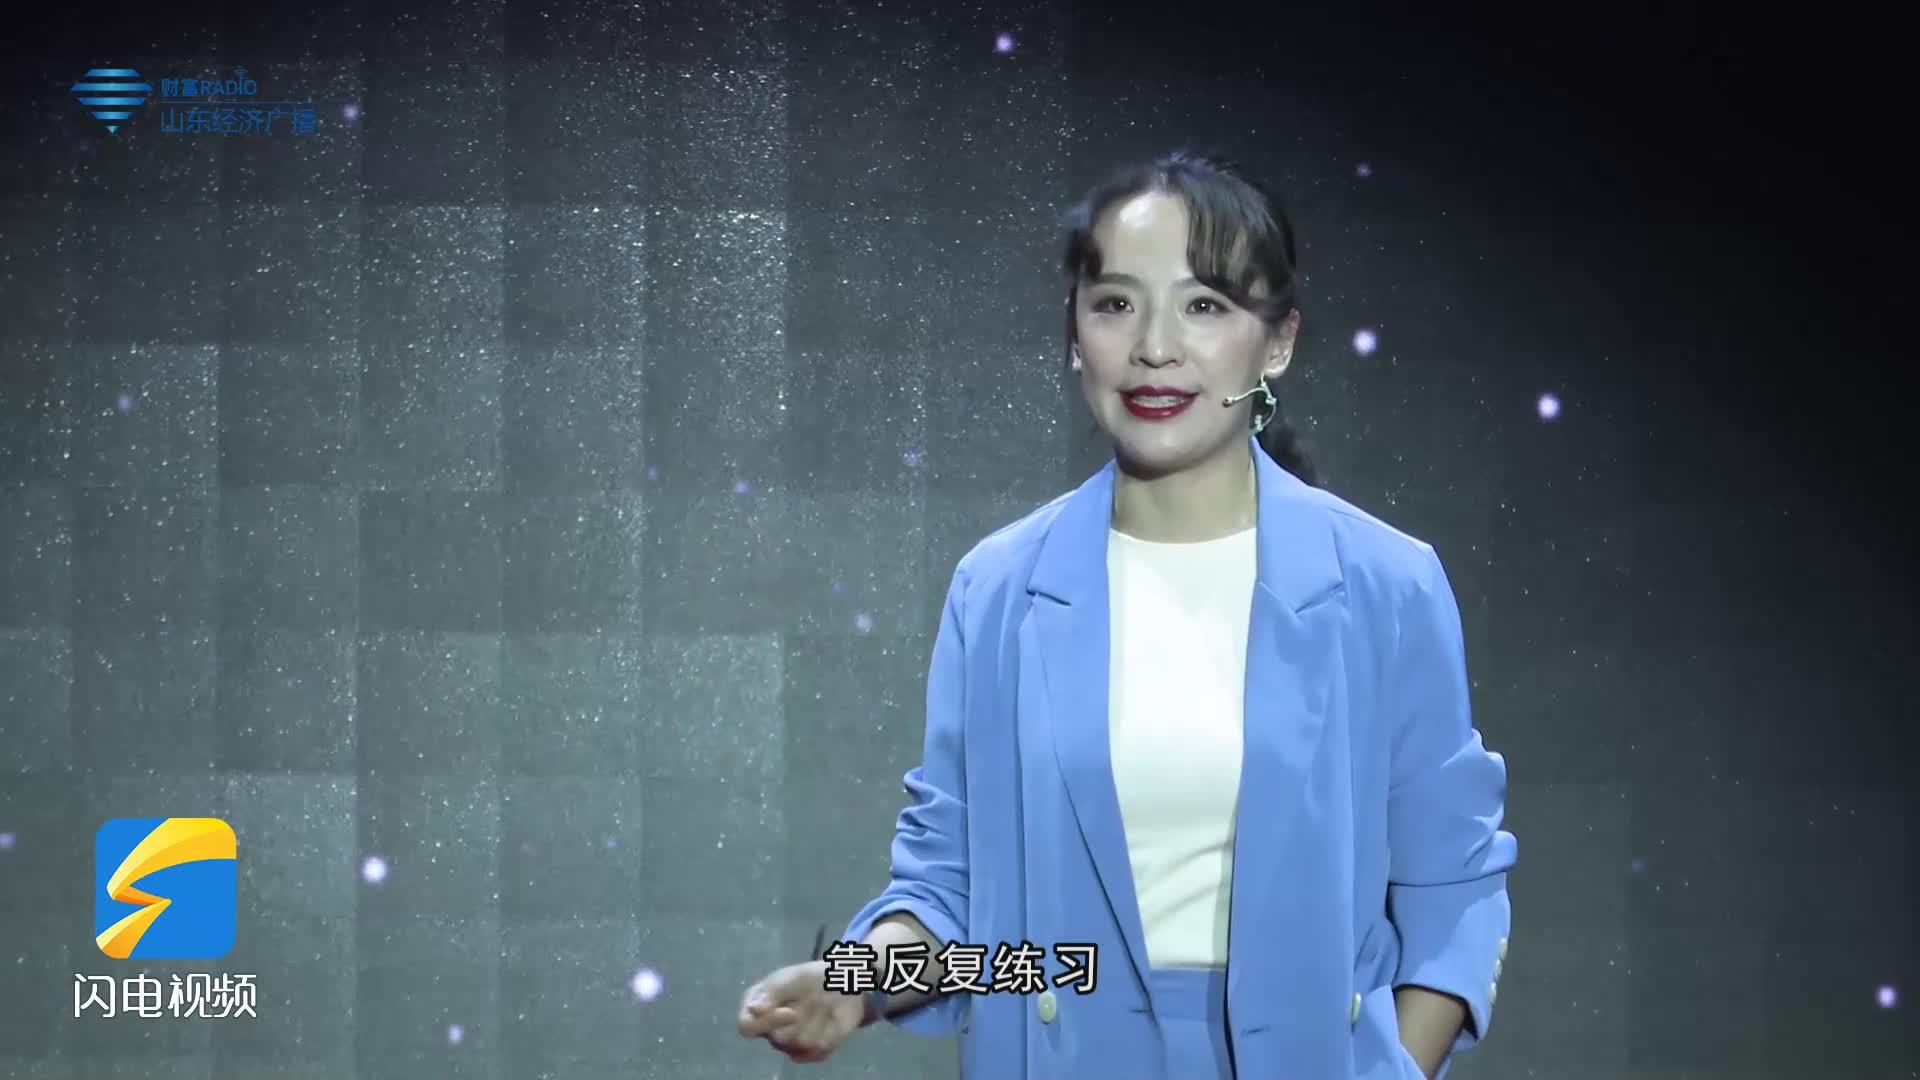 2021《新时代•青年说》张家惠:内卷?谈谈教育现代化2035